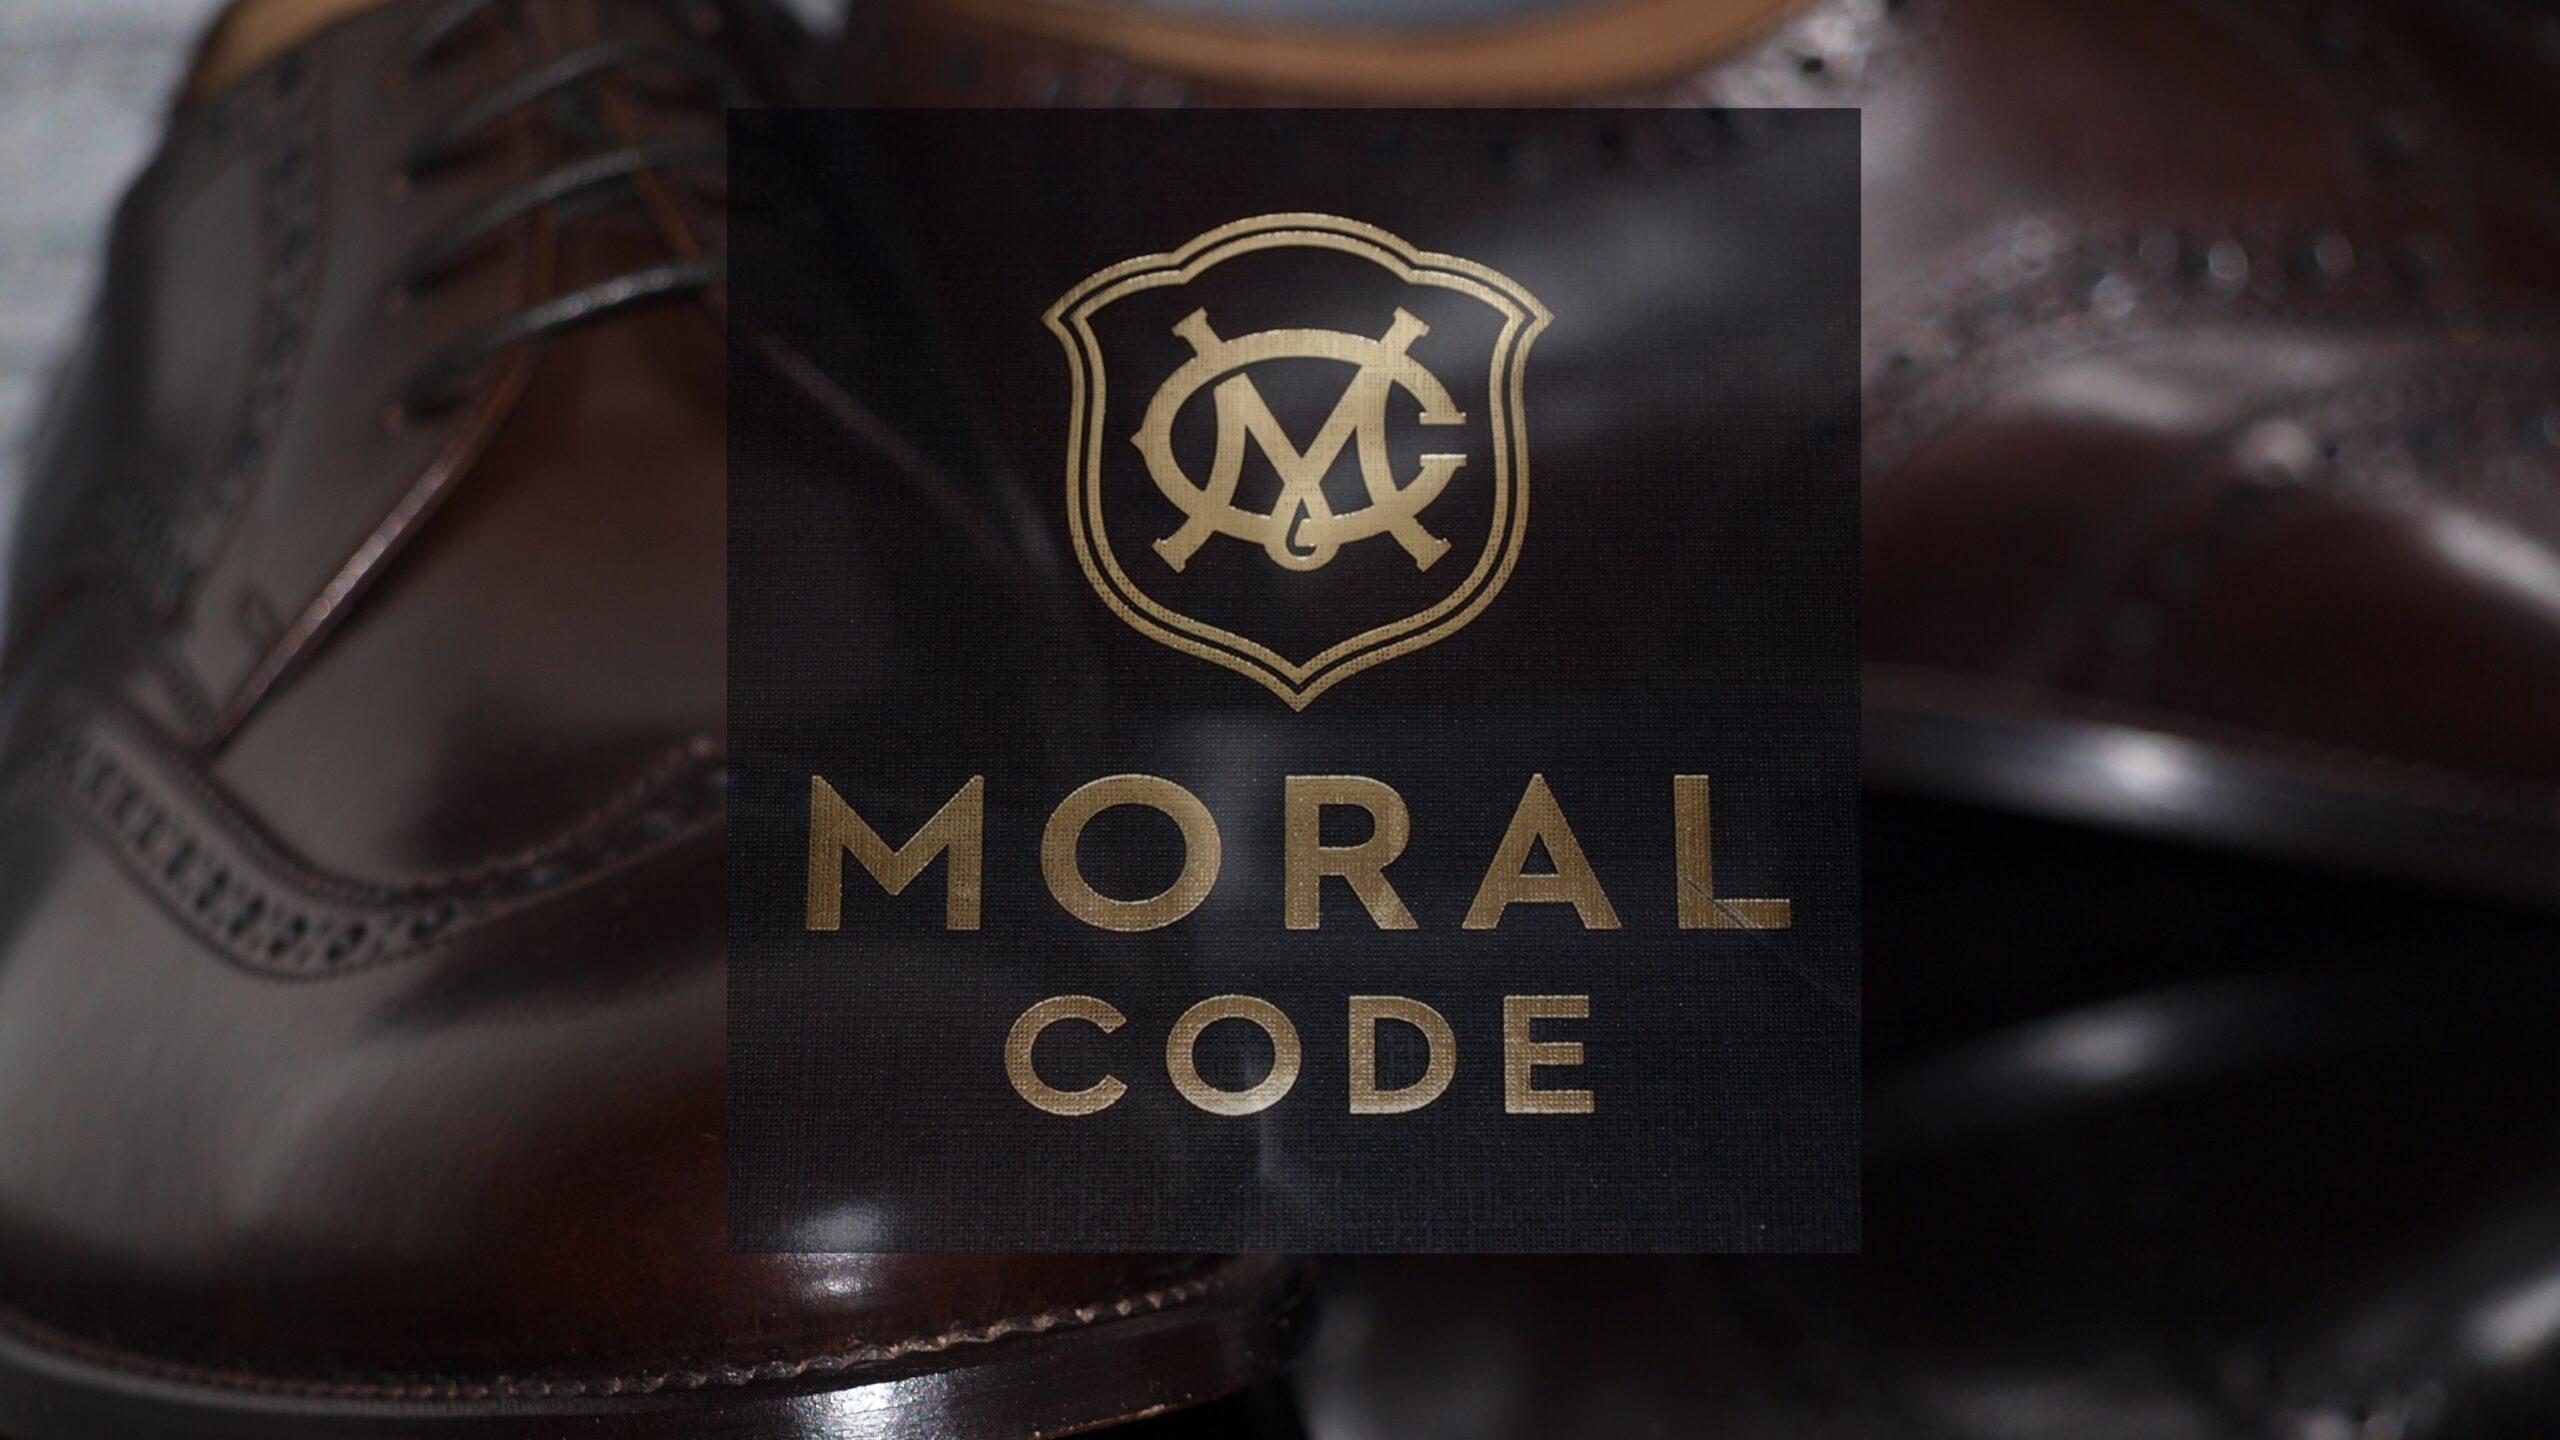 MORAL CODE(モラルコード)のビジネスシューズHOLDEN(ホールデン)1-1